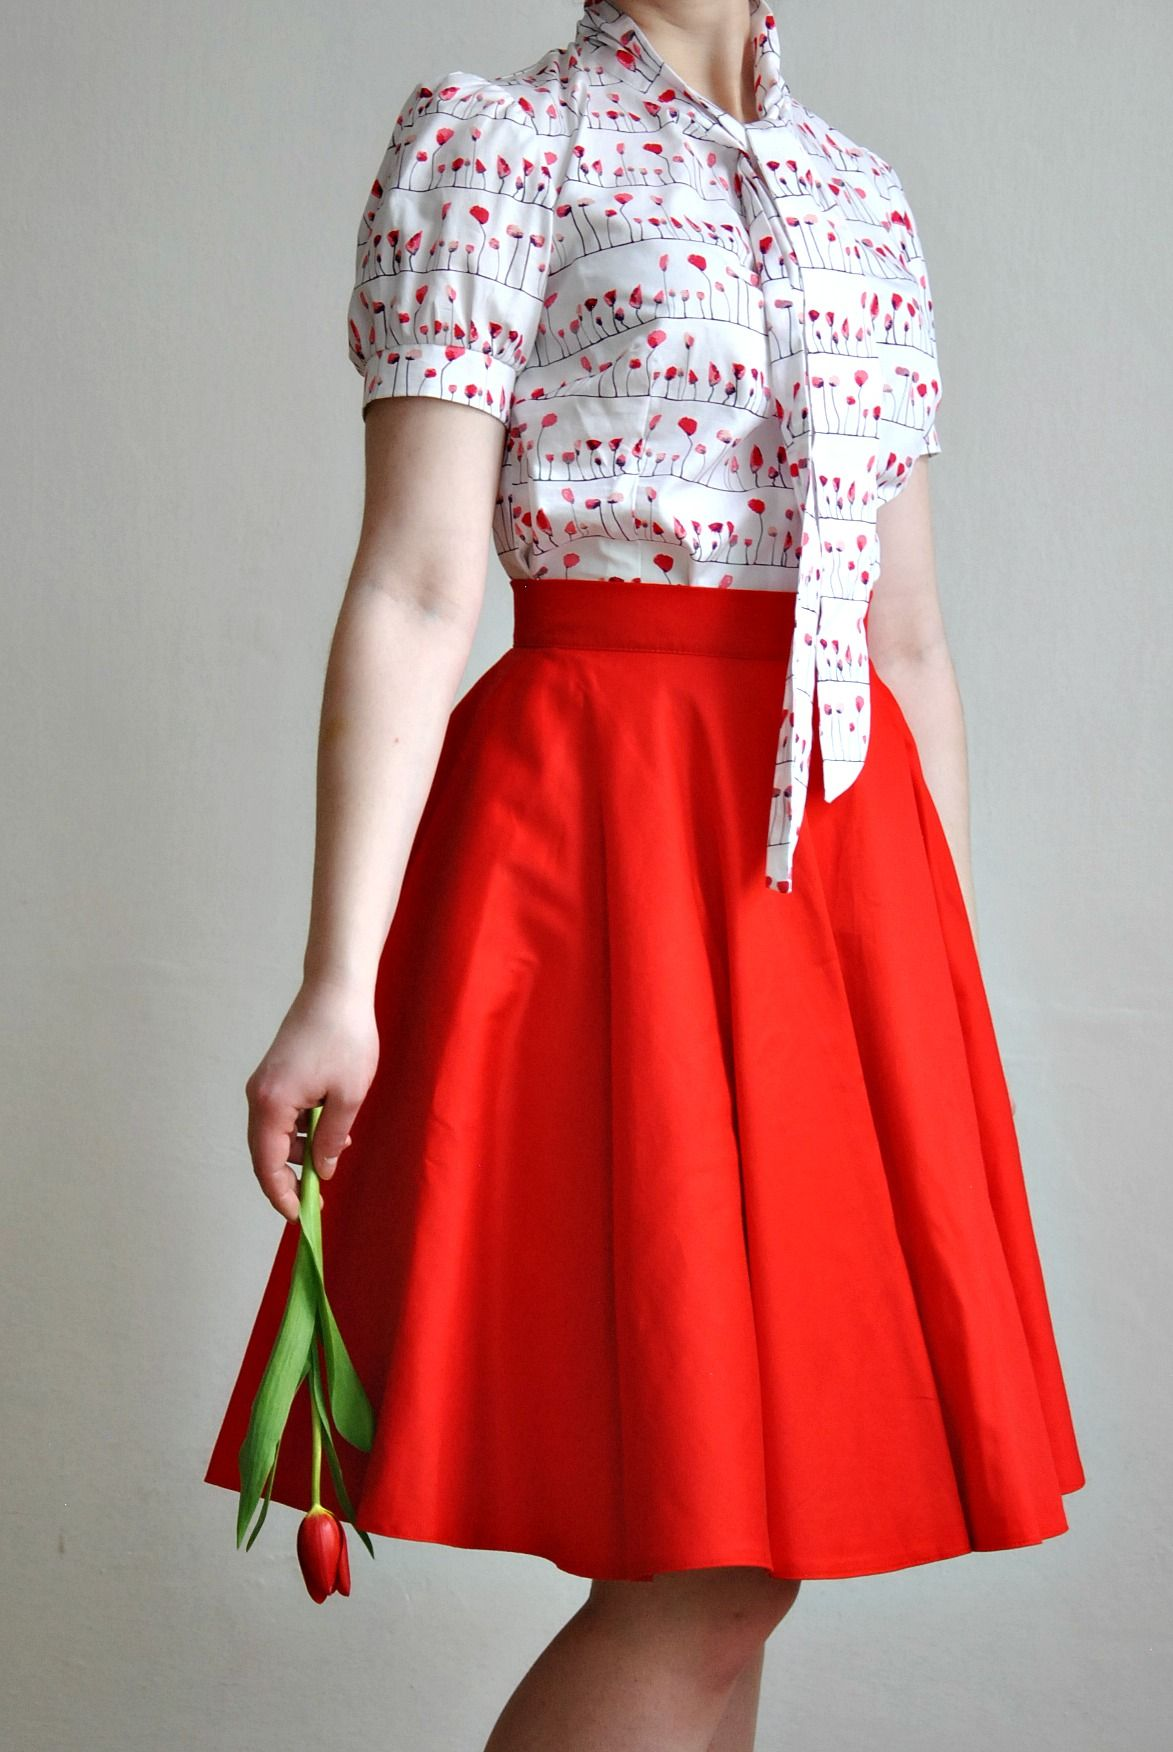 c0b4e53e56d9 Červená+kolová+sukně+Celokolová+sukně. +Zapínání+vzadu+na+zip+a+2+ ...